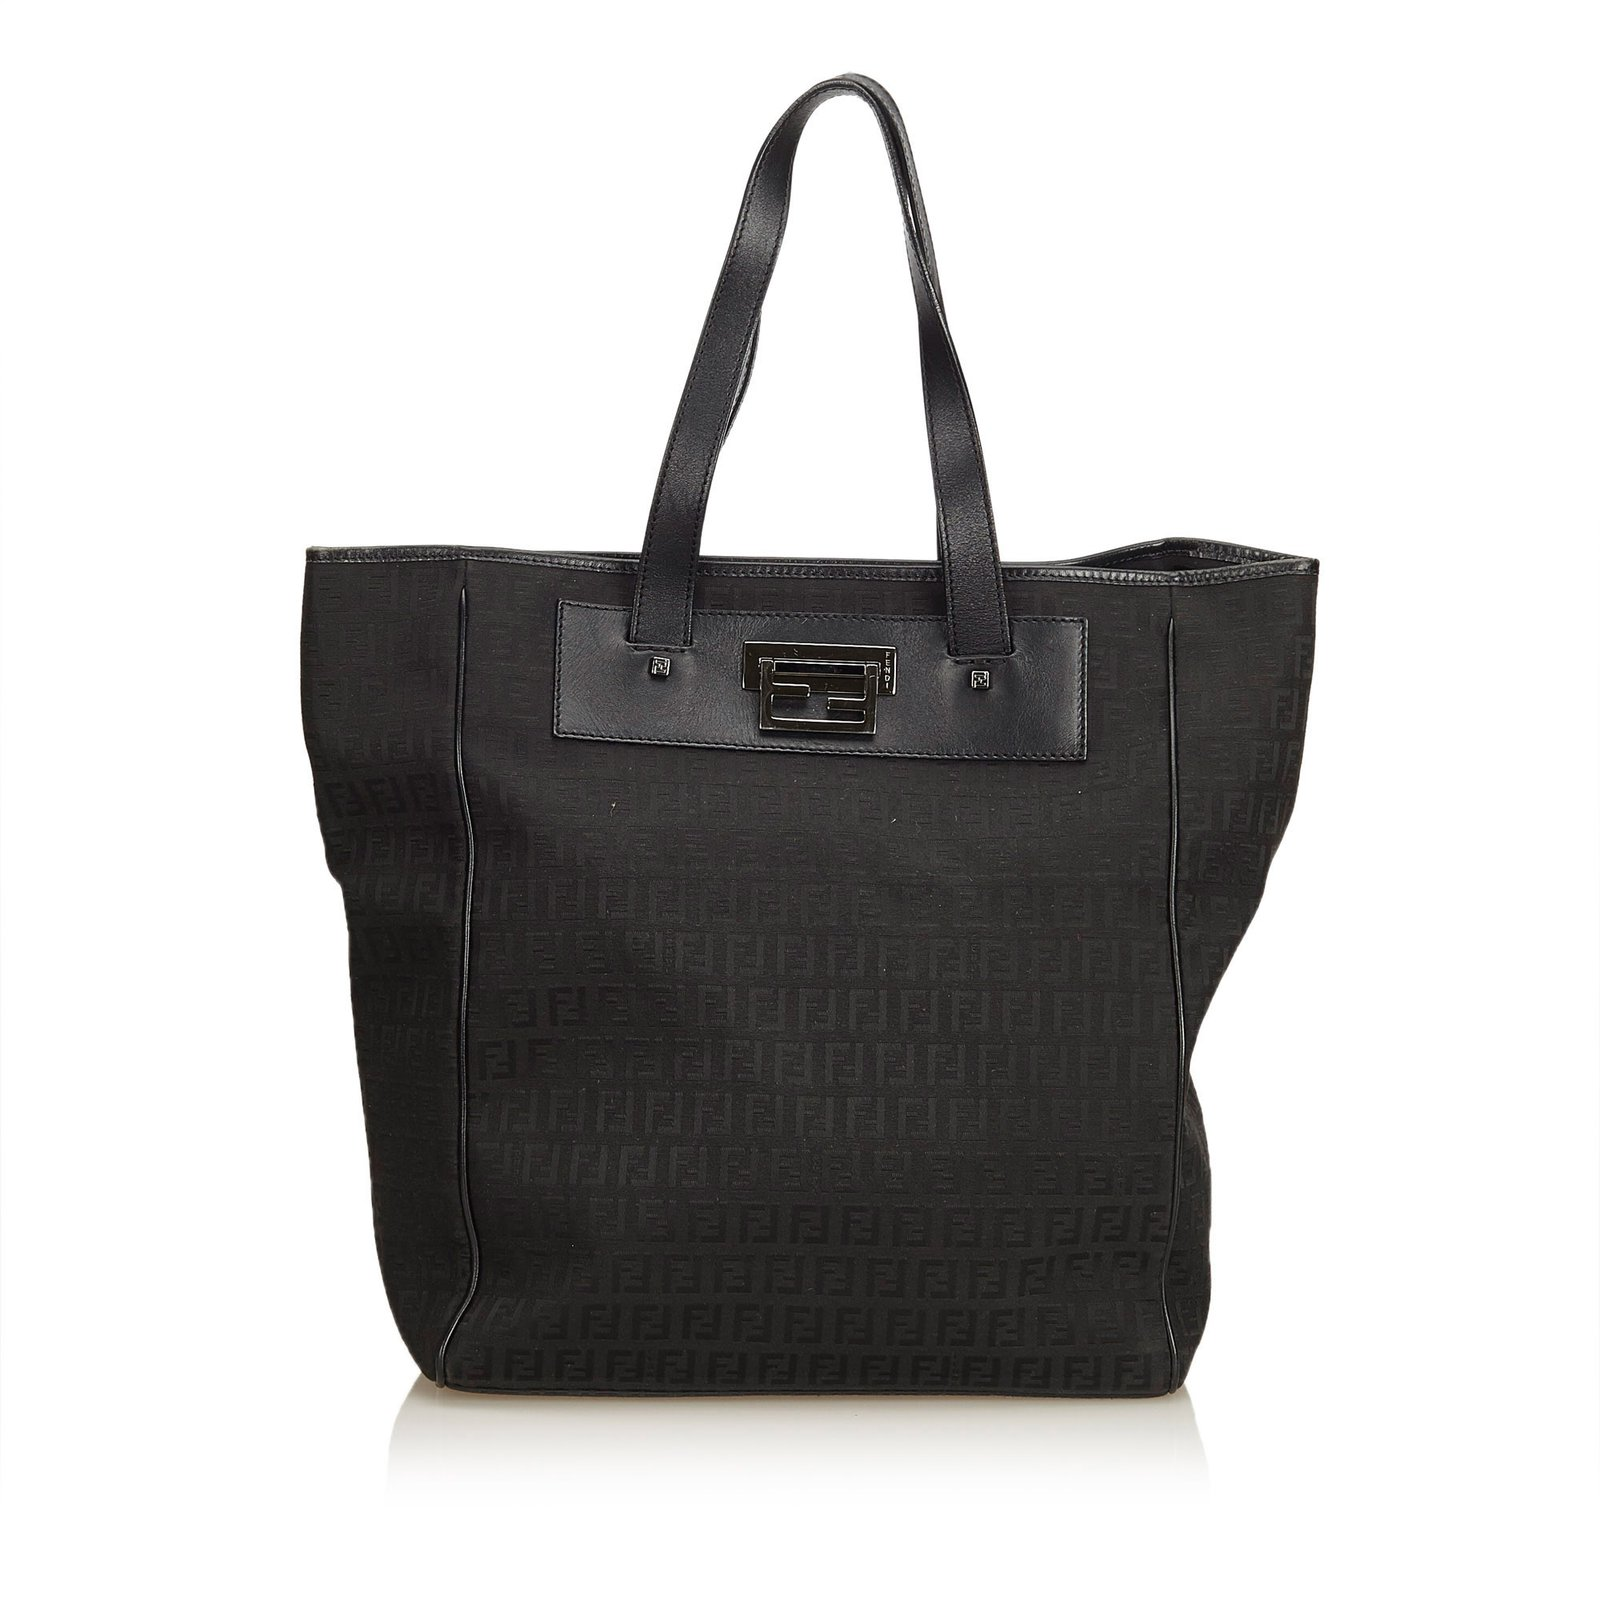 Fendi Zucchini Jacquard Tote Bag Totes Leather 7bc15a8afebc6